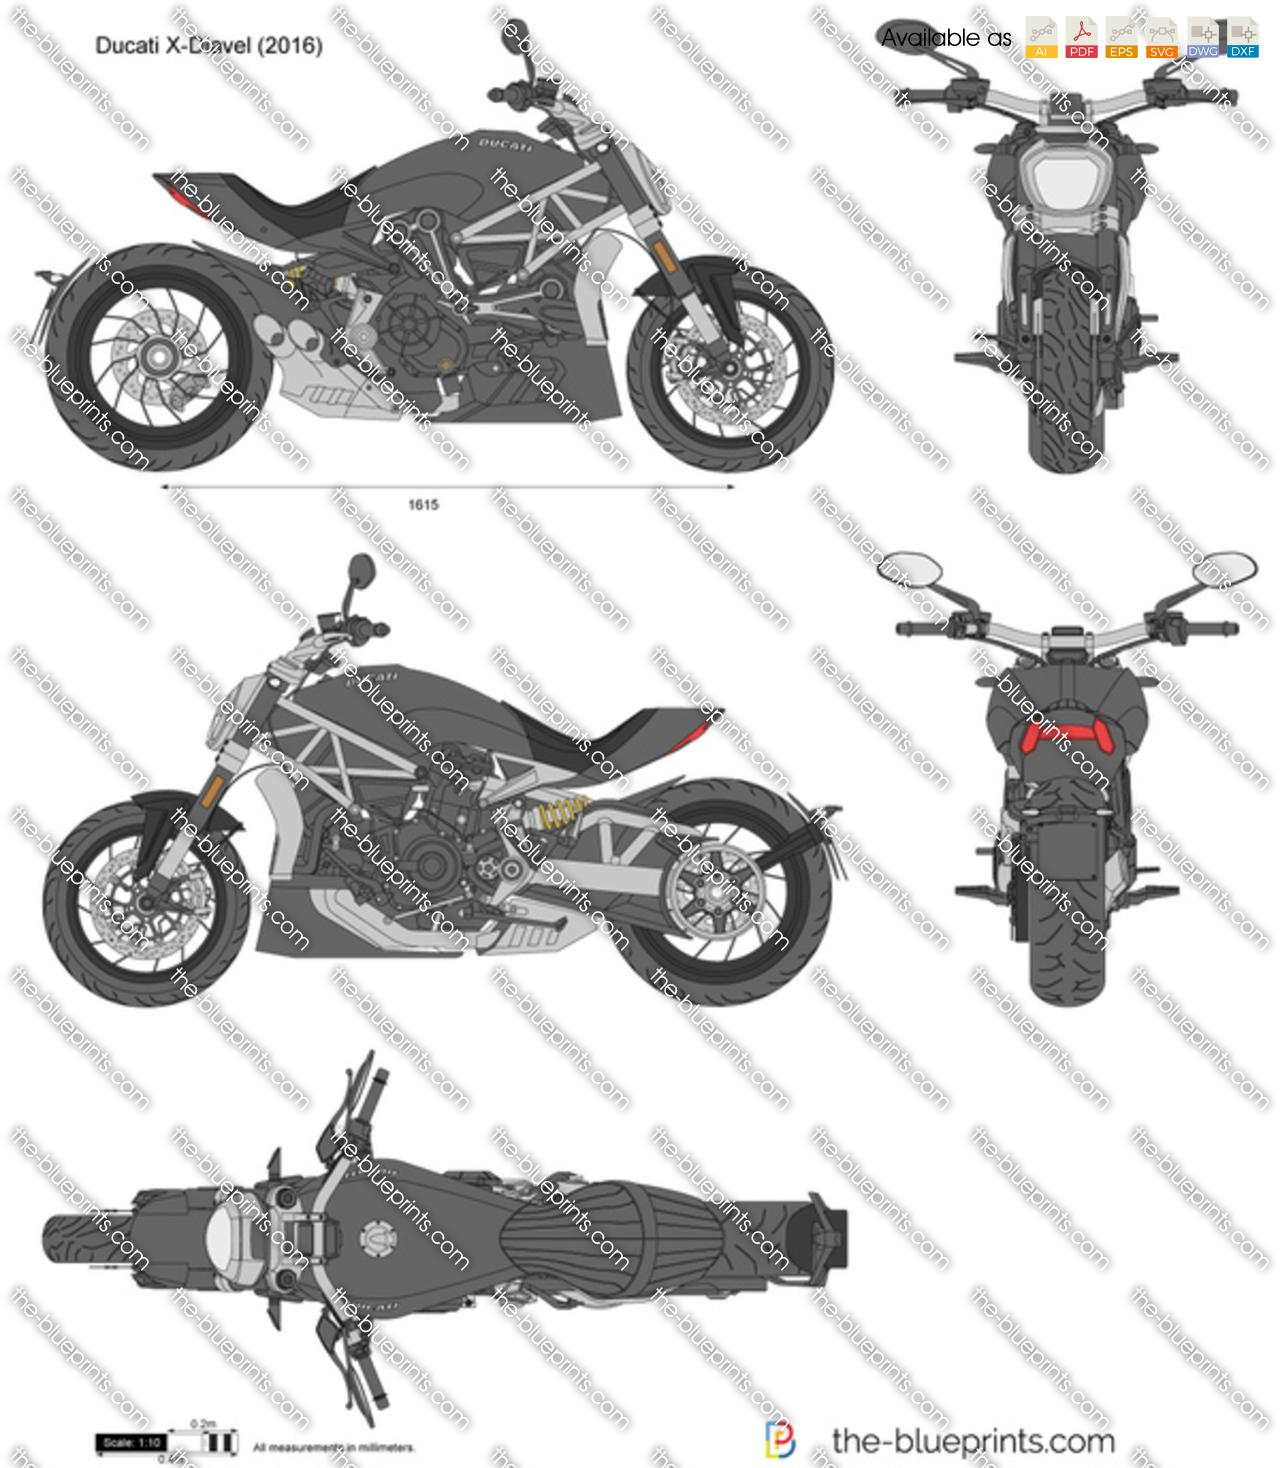 Ducati X-Diavel 2017